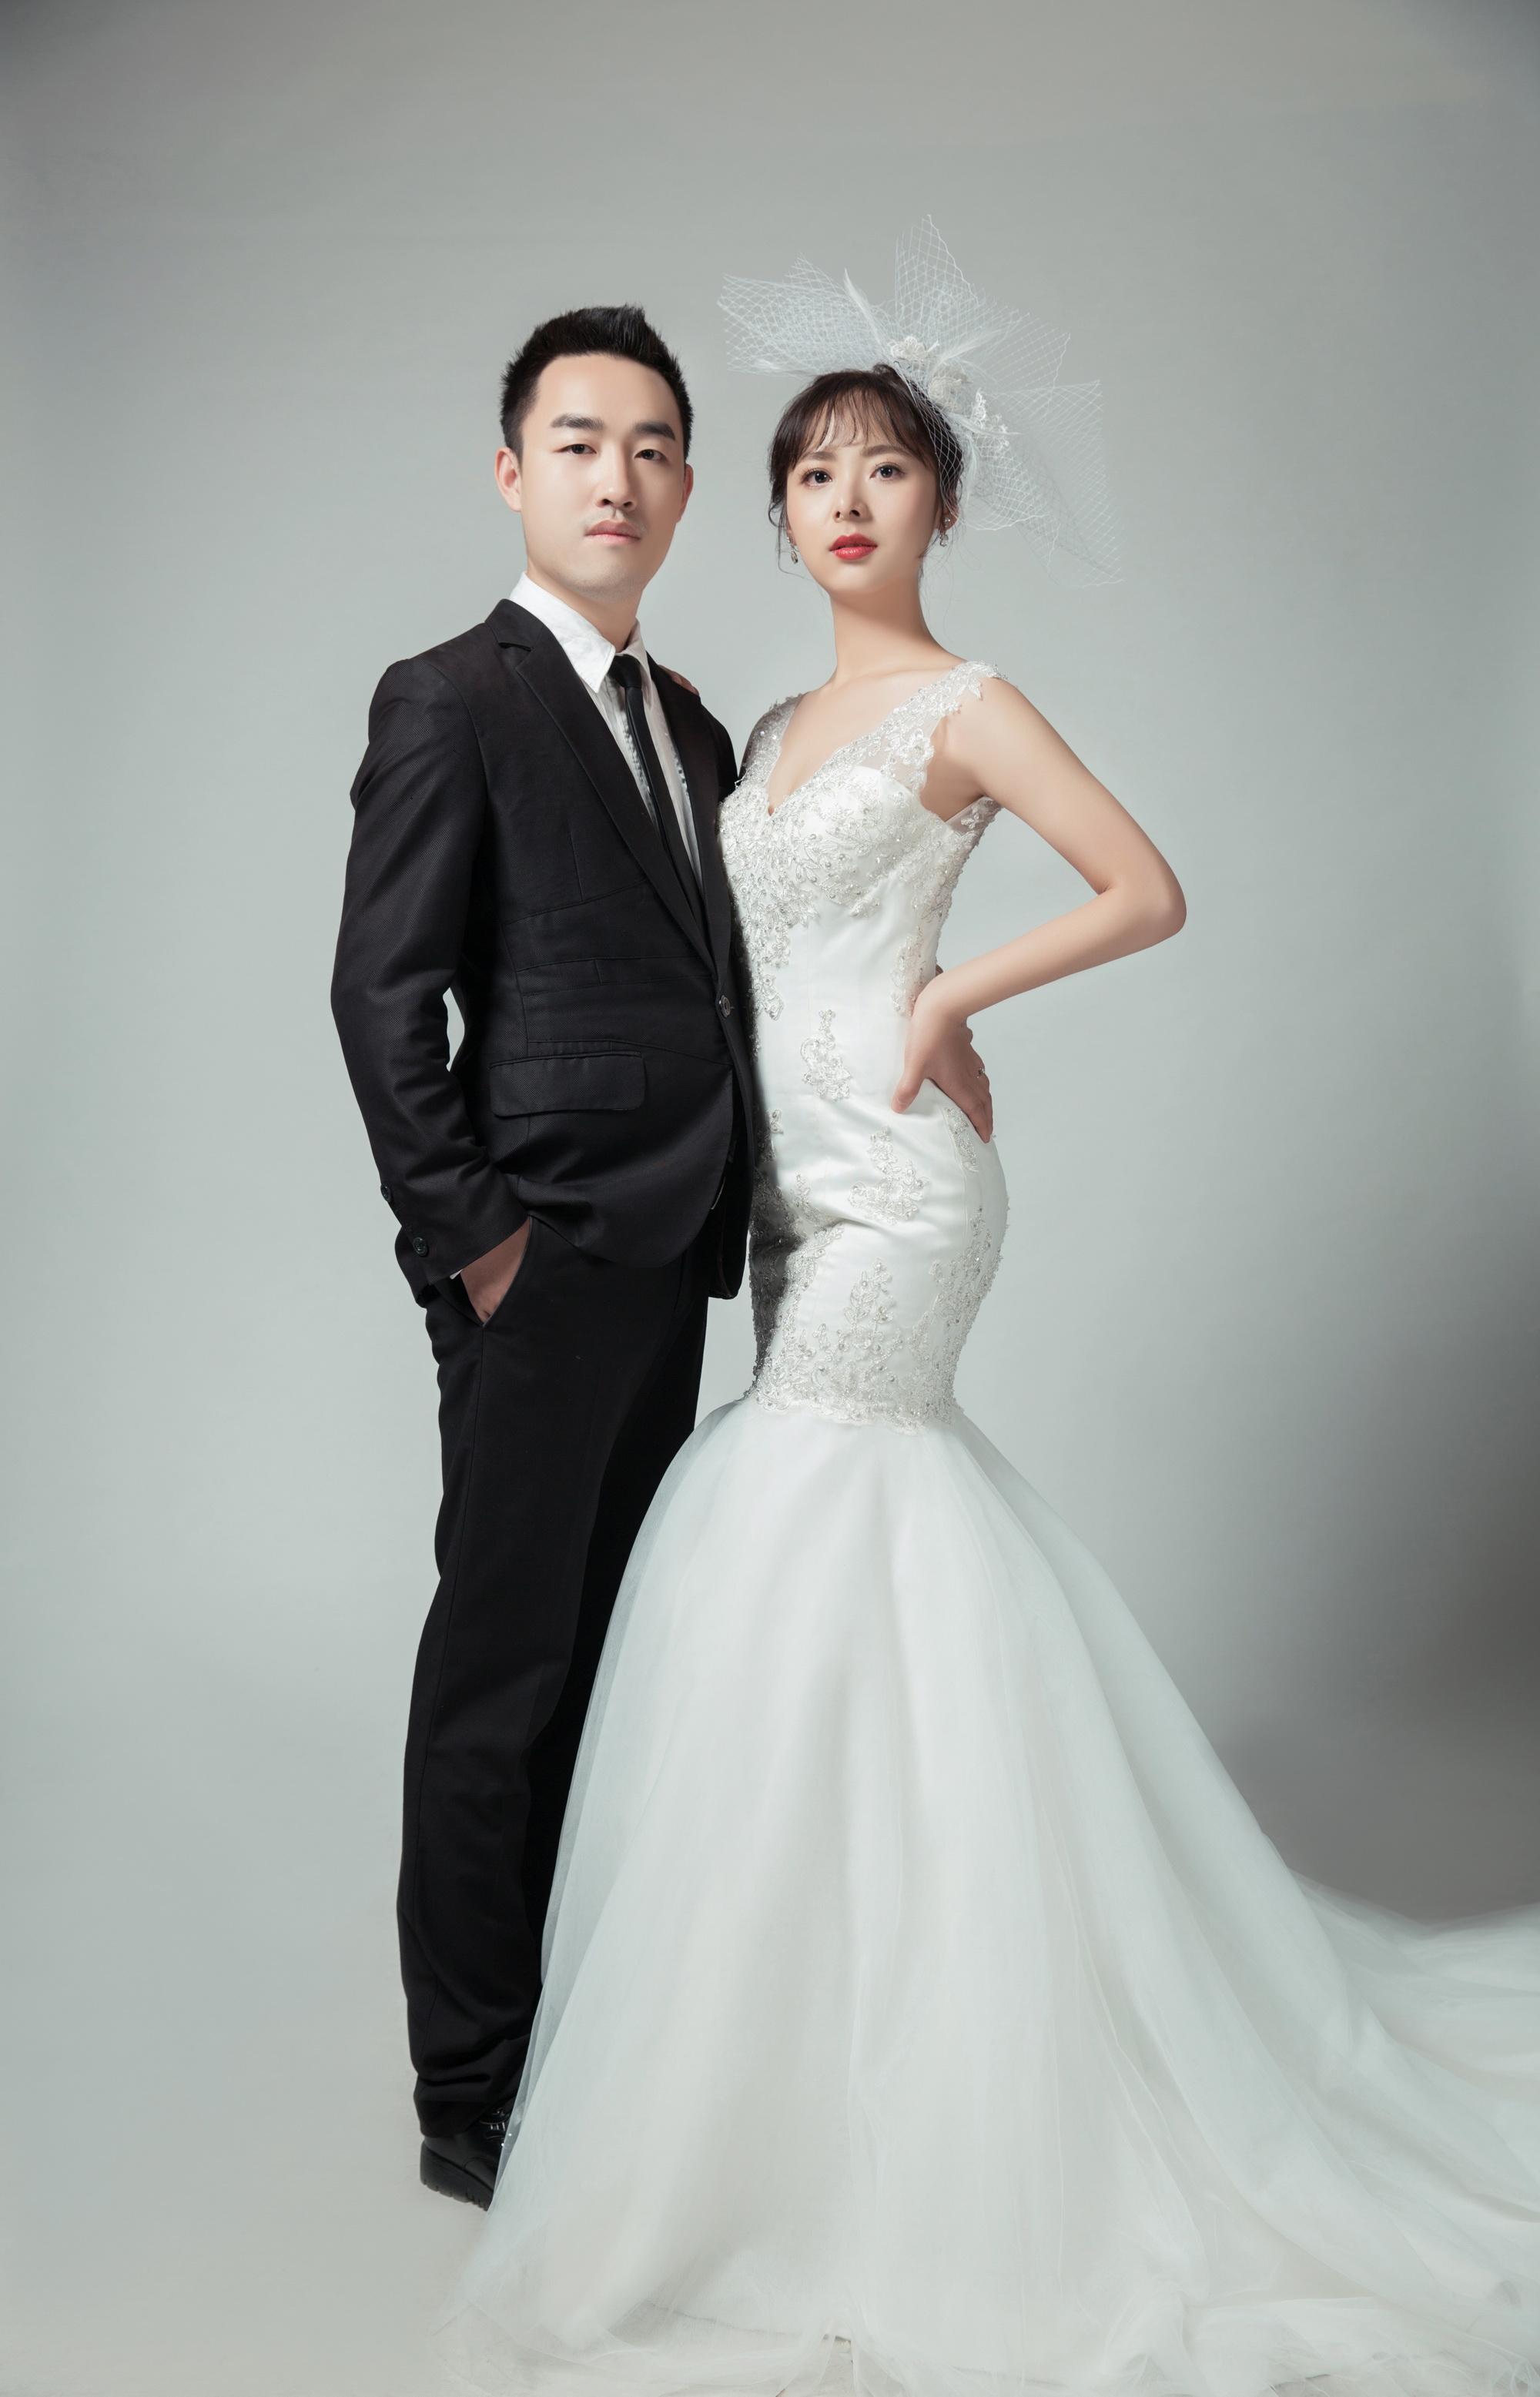 宁波韩式婚纱照风格--宁波客照分享